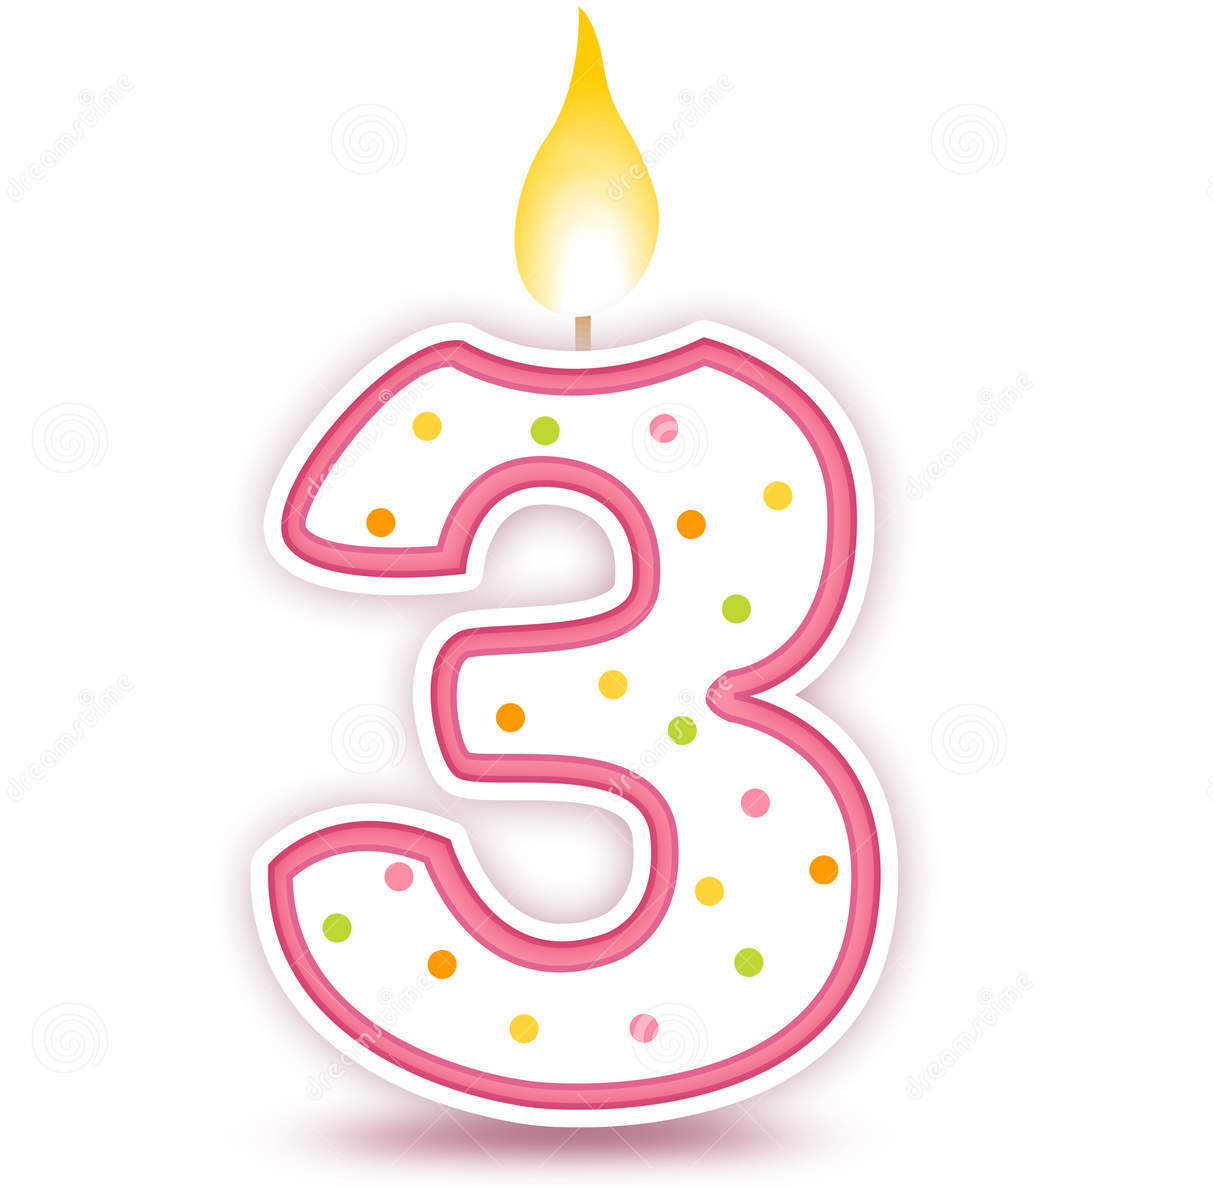 Favori Buon terzo compleanno PN LUG – PORDENONE LINUX USER GROUP BA89